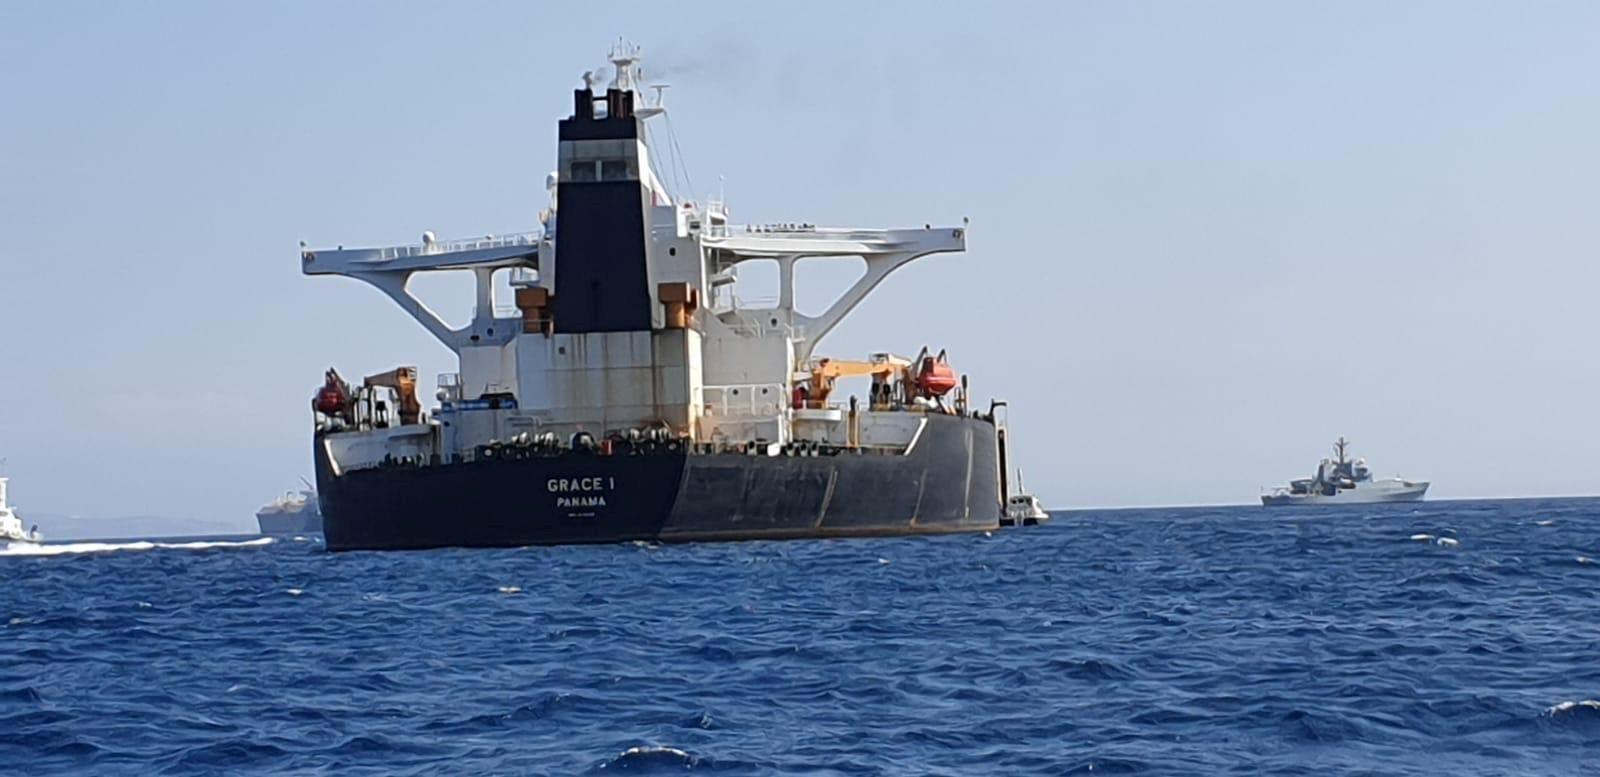 Gibraltar/ Tanker/ Supertanker/ Grace 1/ British Royal Marines